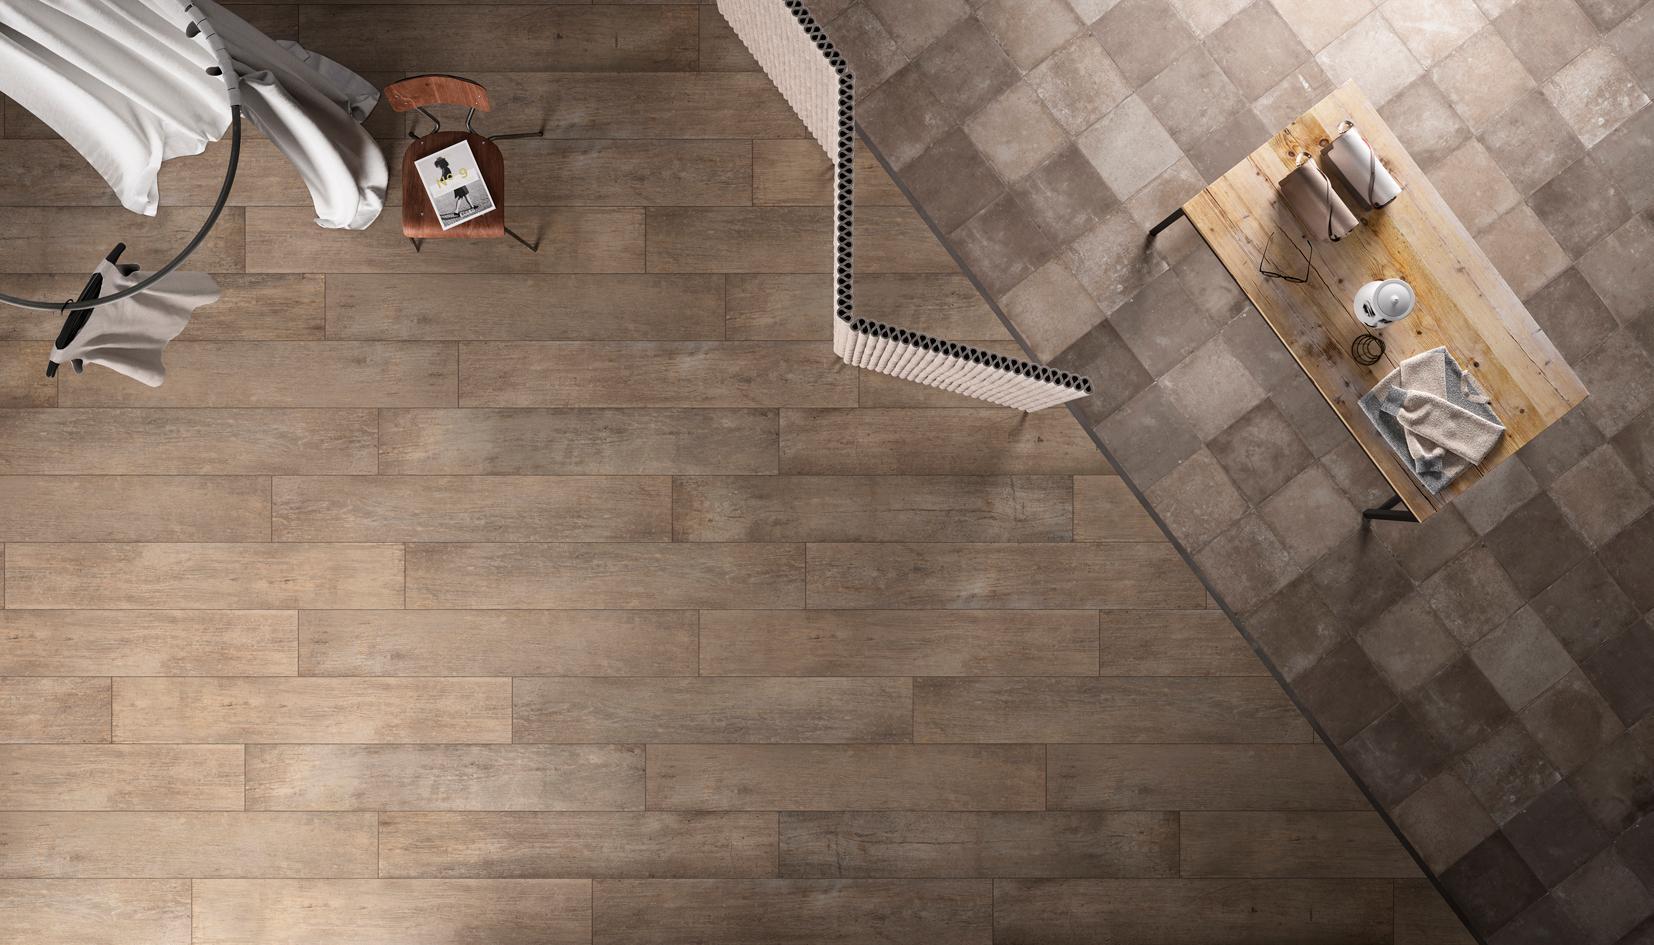 Fußbodenbelag Auf Fliesen ~ Fußboden fliesen selbstklebend klick welche fliesen badezimmer